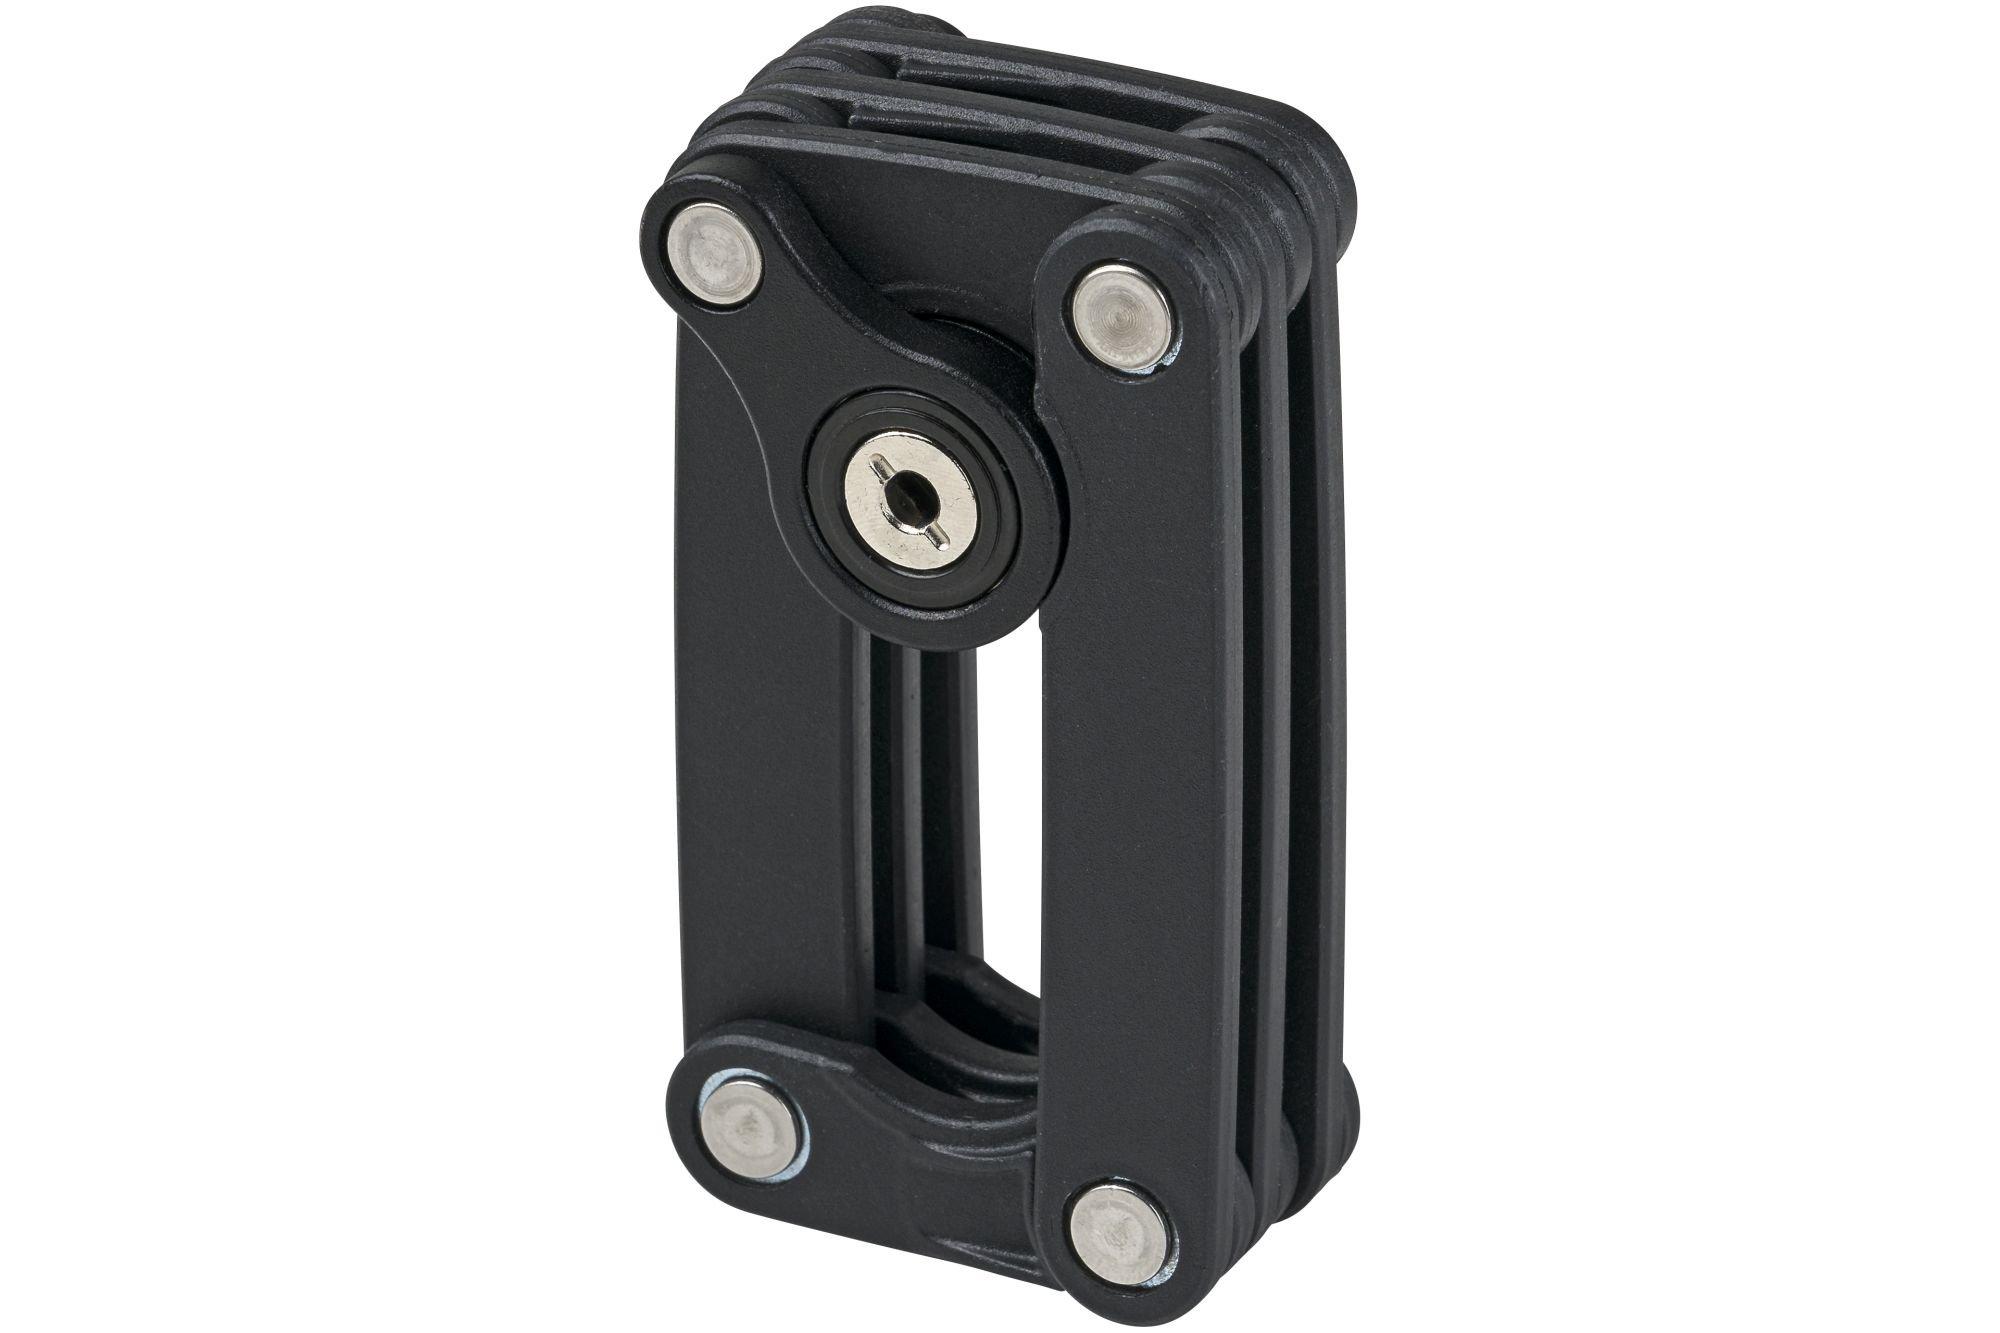 Blocco serratura pieghevole Fuxon blocco serratura pieghevole nero